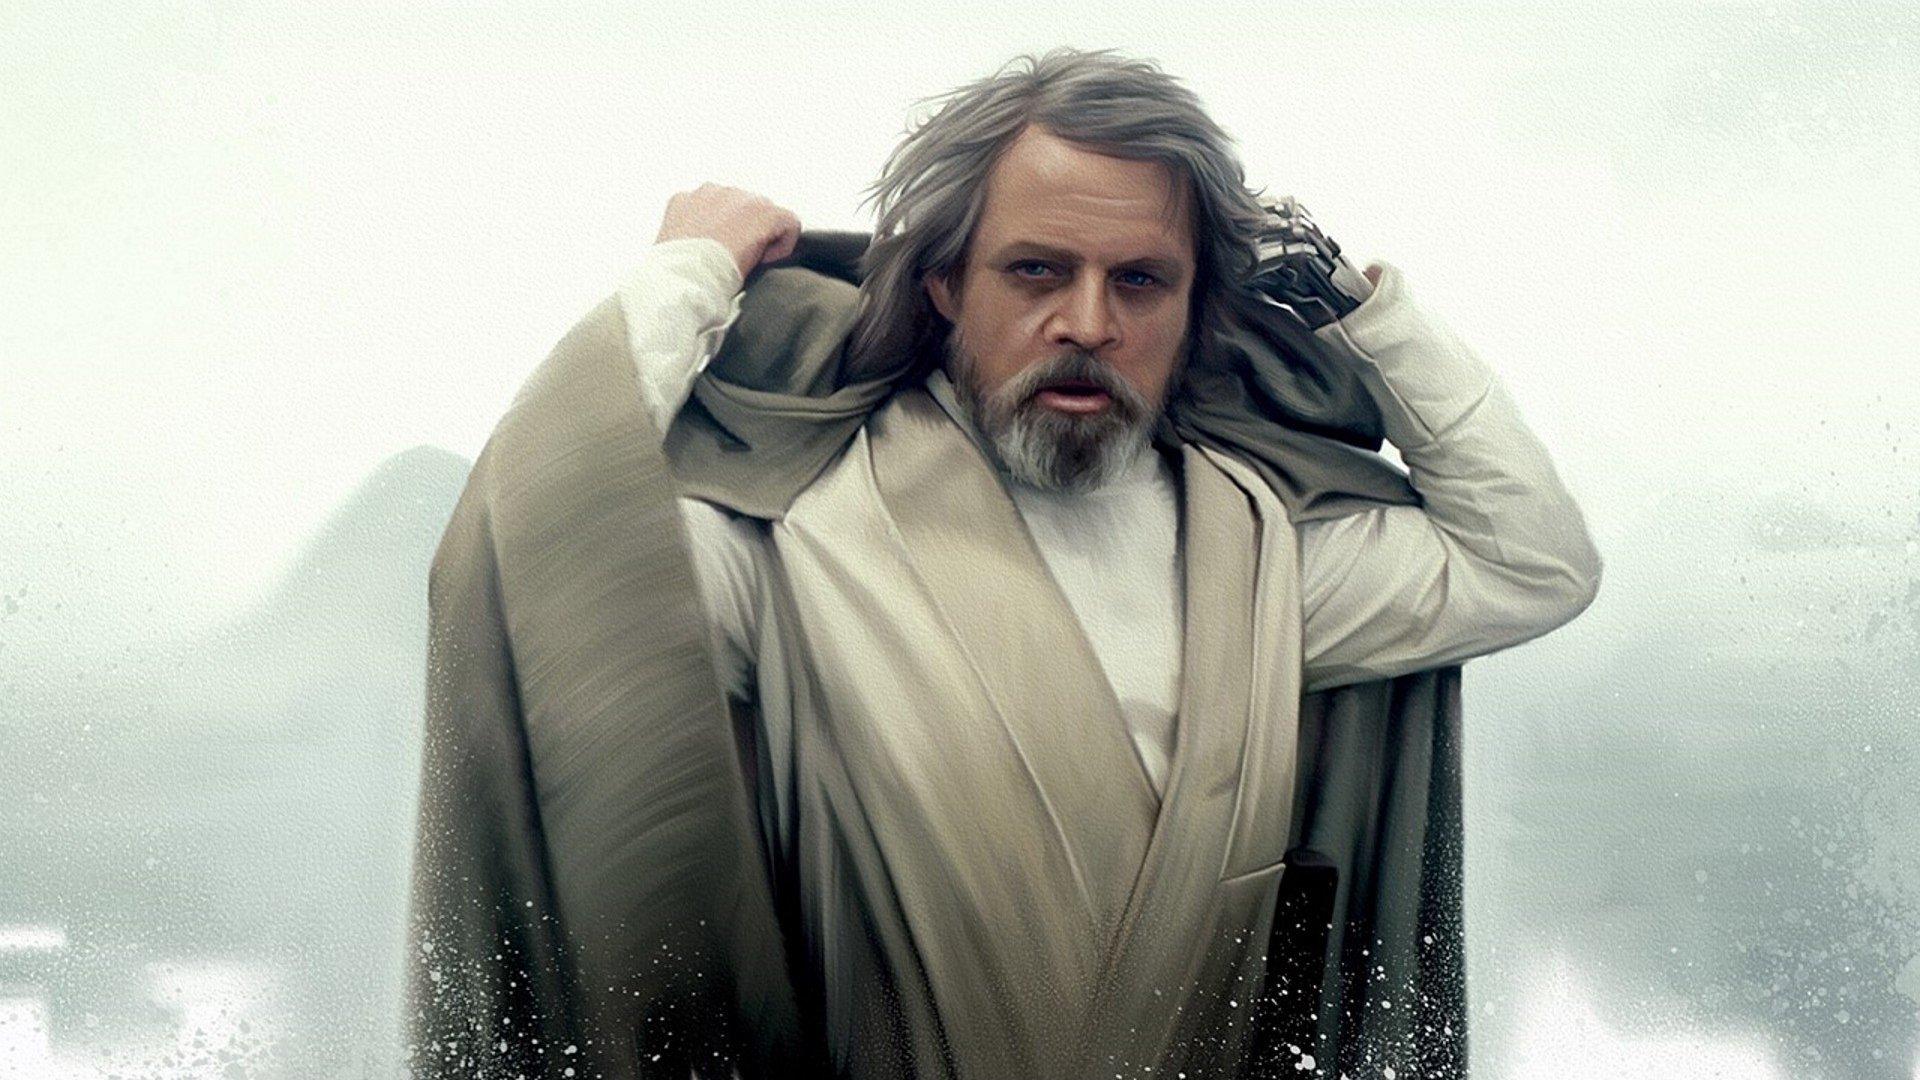 Luke Skywalker Fondo De Pantalla Hd Fondo De Escritorio